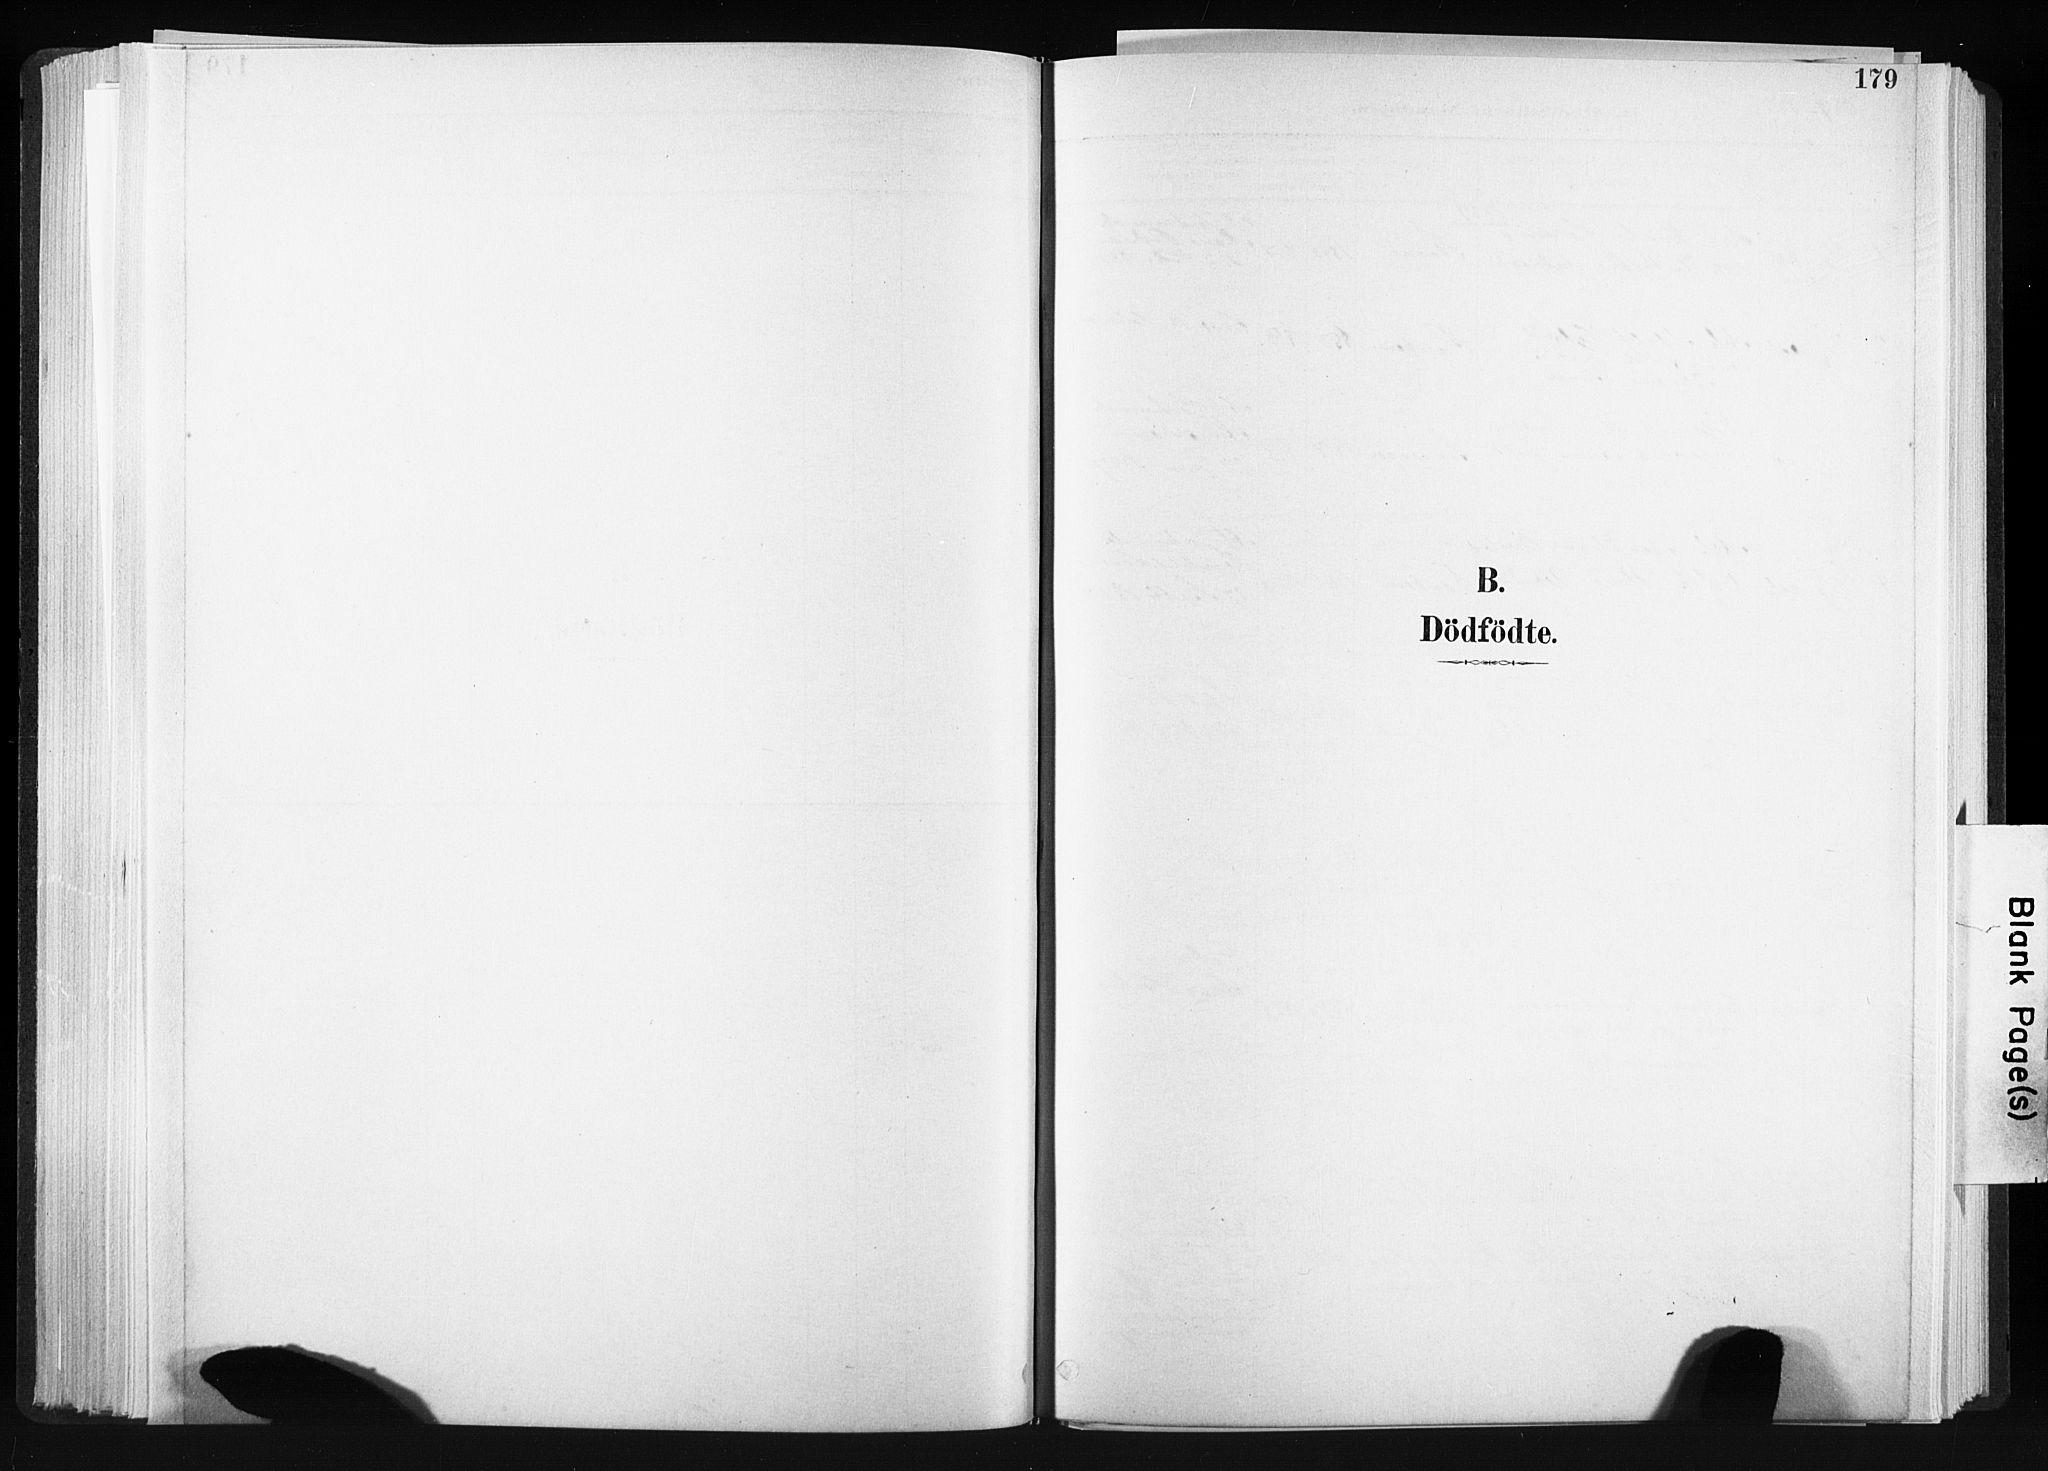 SAT, Ministerialprotokoller, klokkerbøker og fødselsregistre - Sør-Trøndelag, 606/L0300: Ministerialbok nr. 606A15, 1886-1893, s. 179